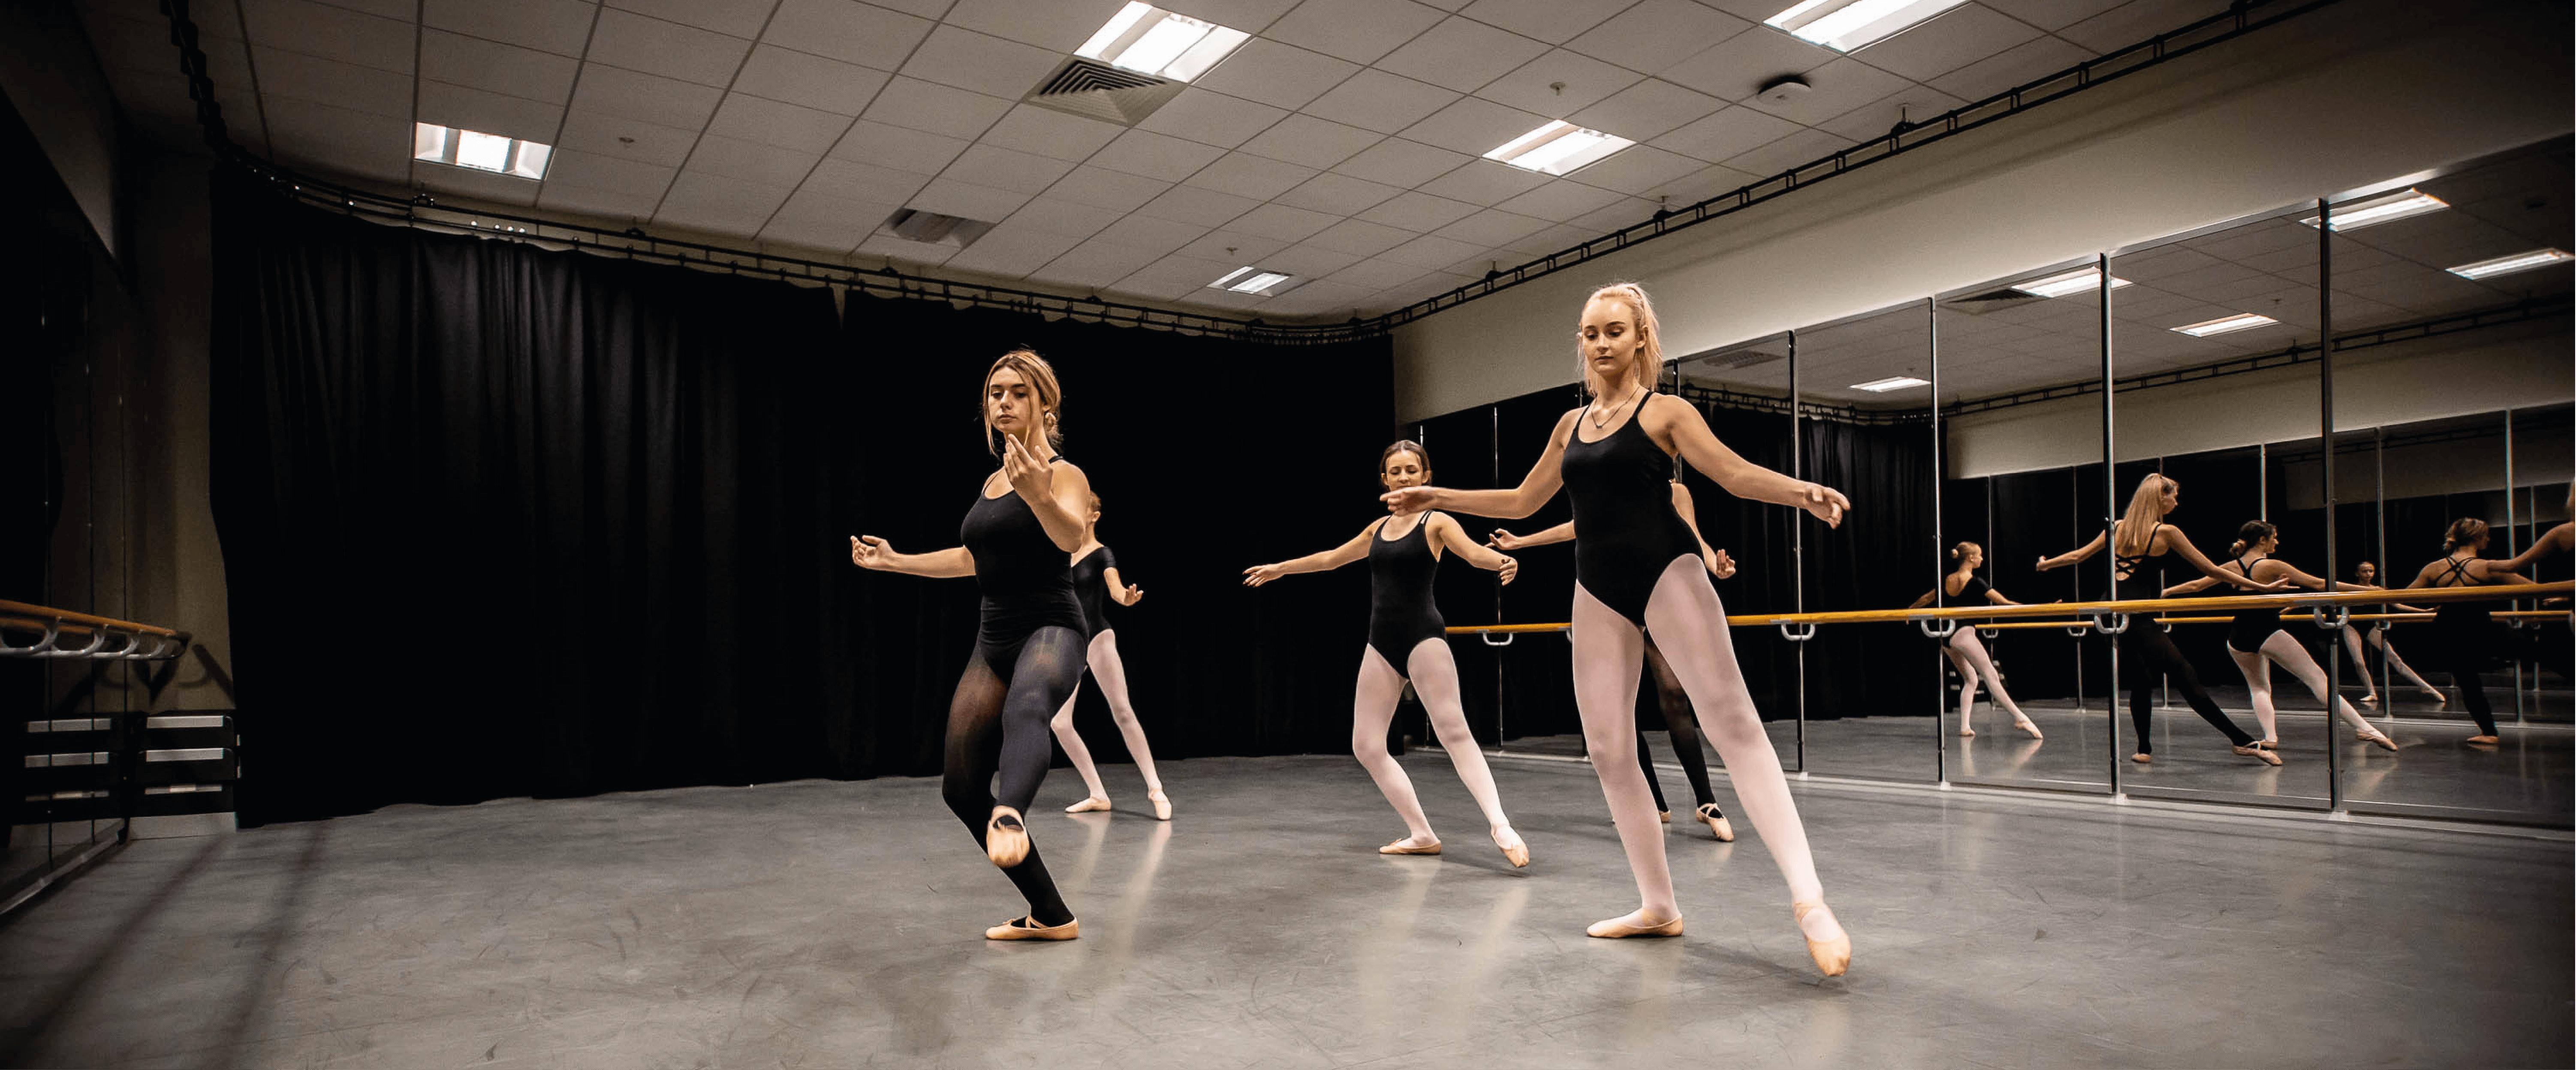 Students ballet practice